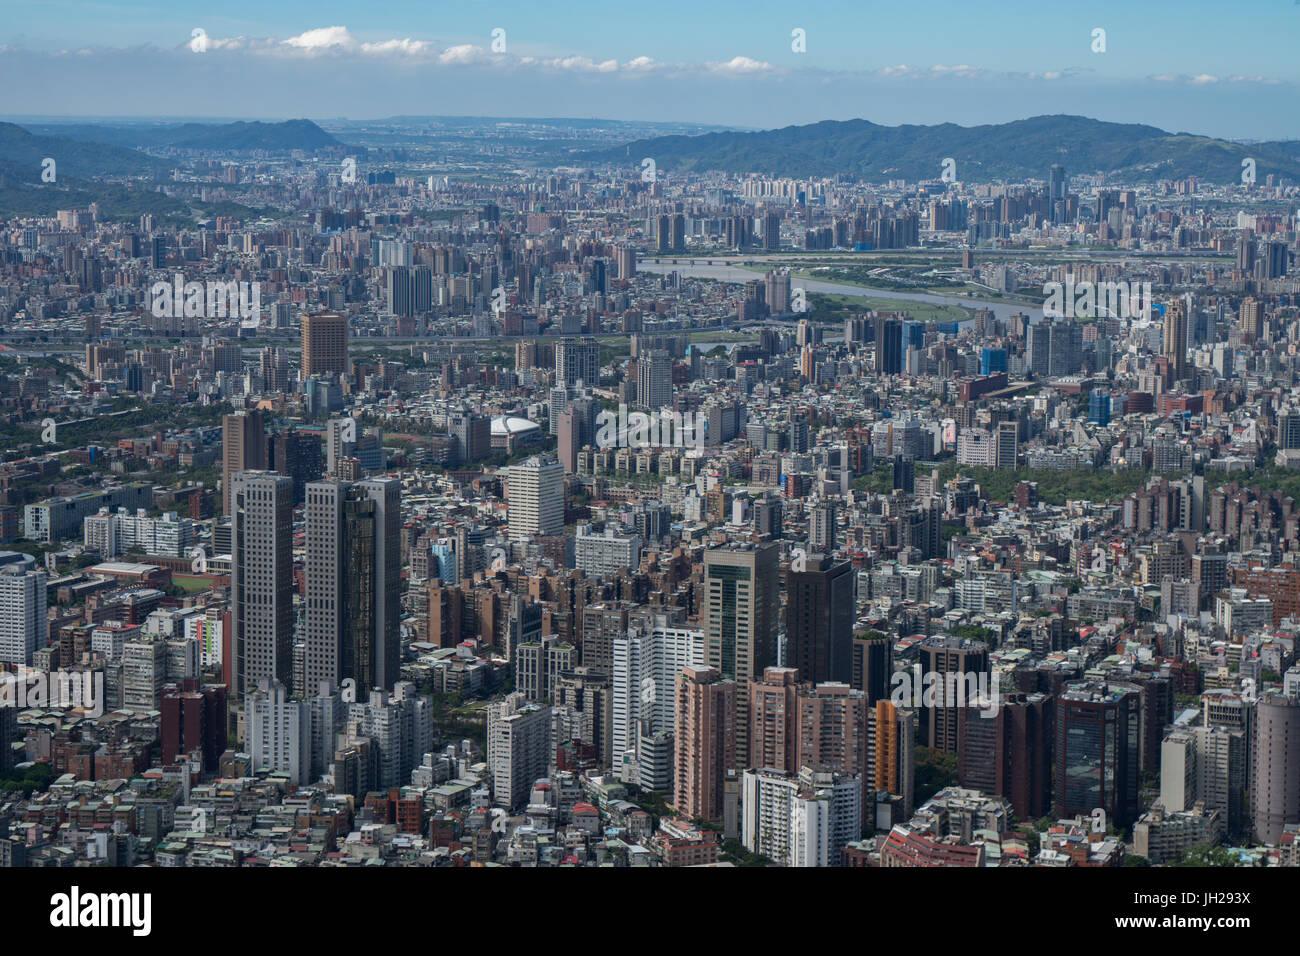 Vu de la ville de Taipei Taipei 101, le huitième plus grand bâtiment à 1667 ft, Taipei, Taïwan, Photo Stock